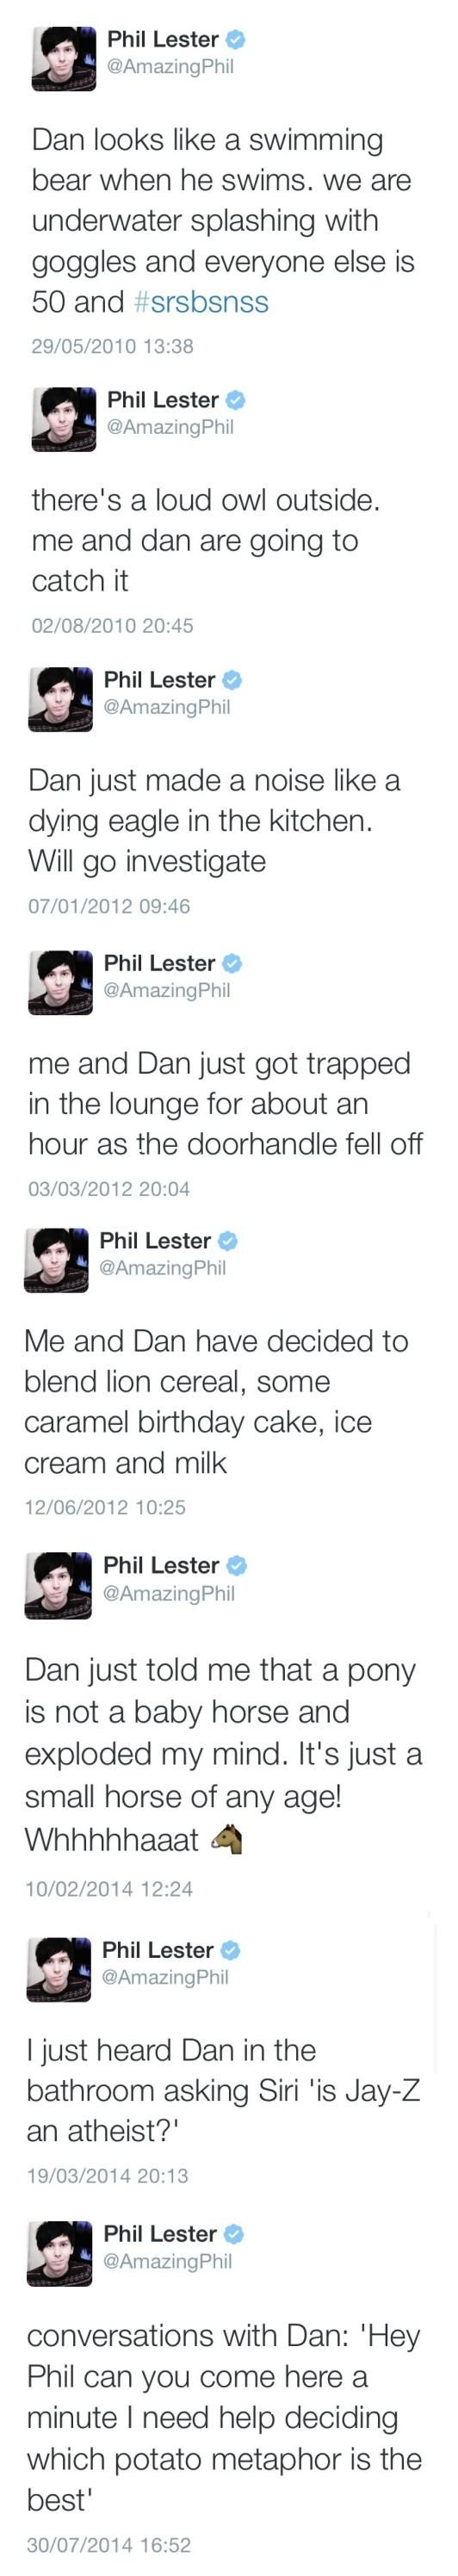 Oh dan and phil :)